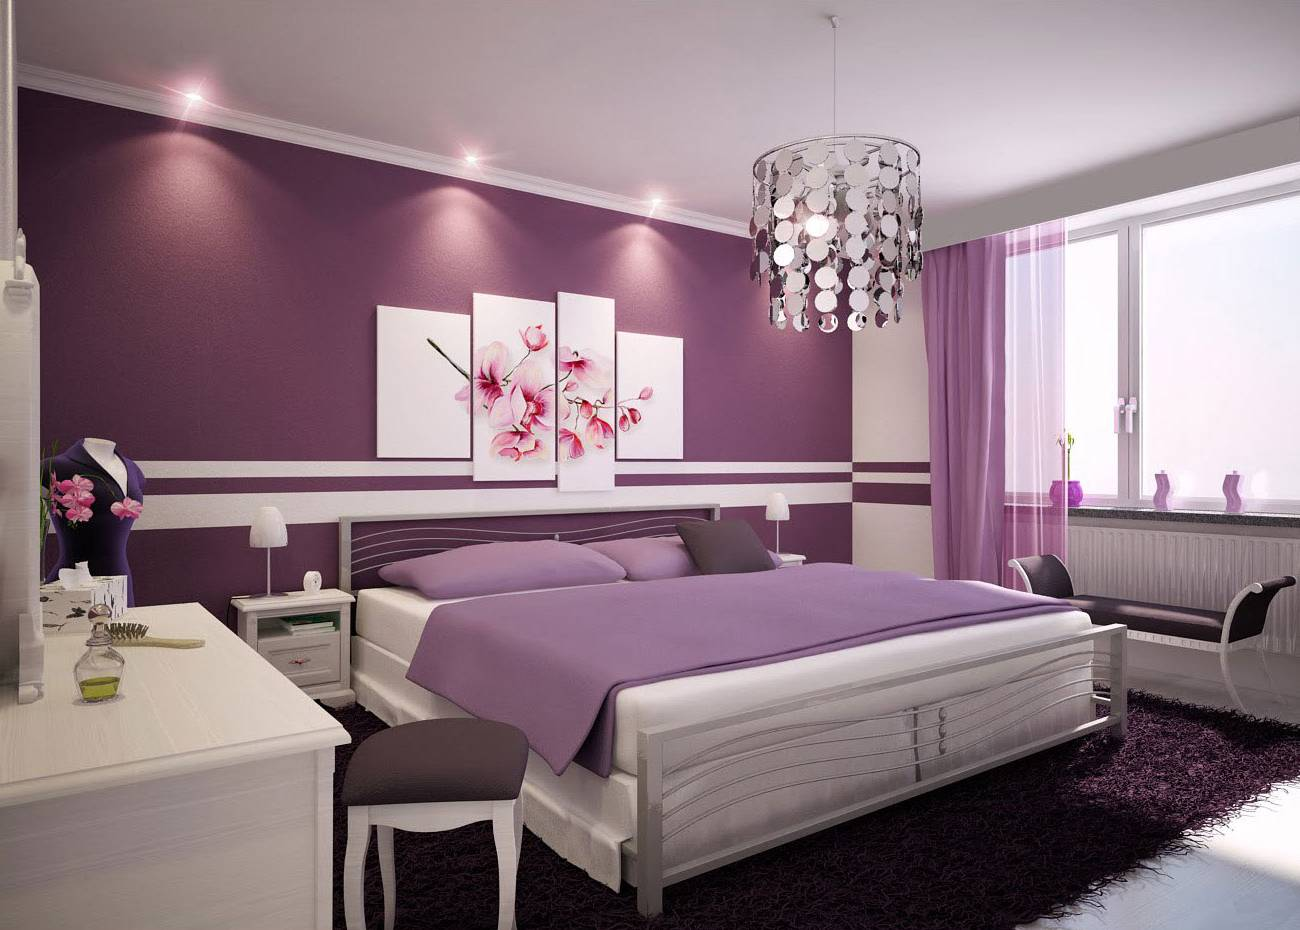 дизайн комнат в фиолетовом цвете